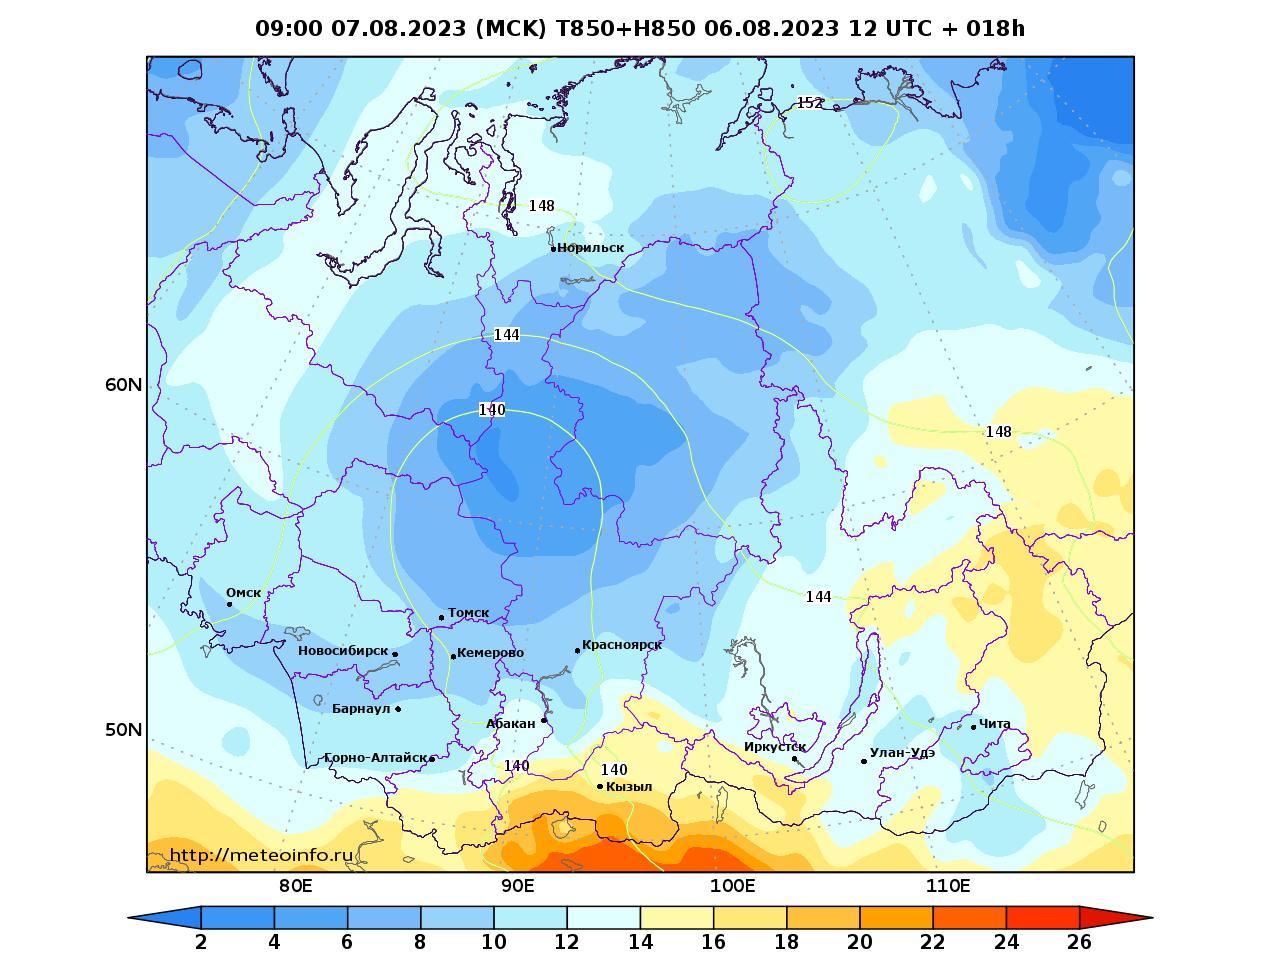 Сибирский Федеральный округ, прогностическая карта температура T850 и геопотенциал H850, заблаговременность прогноза 18 часов